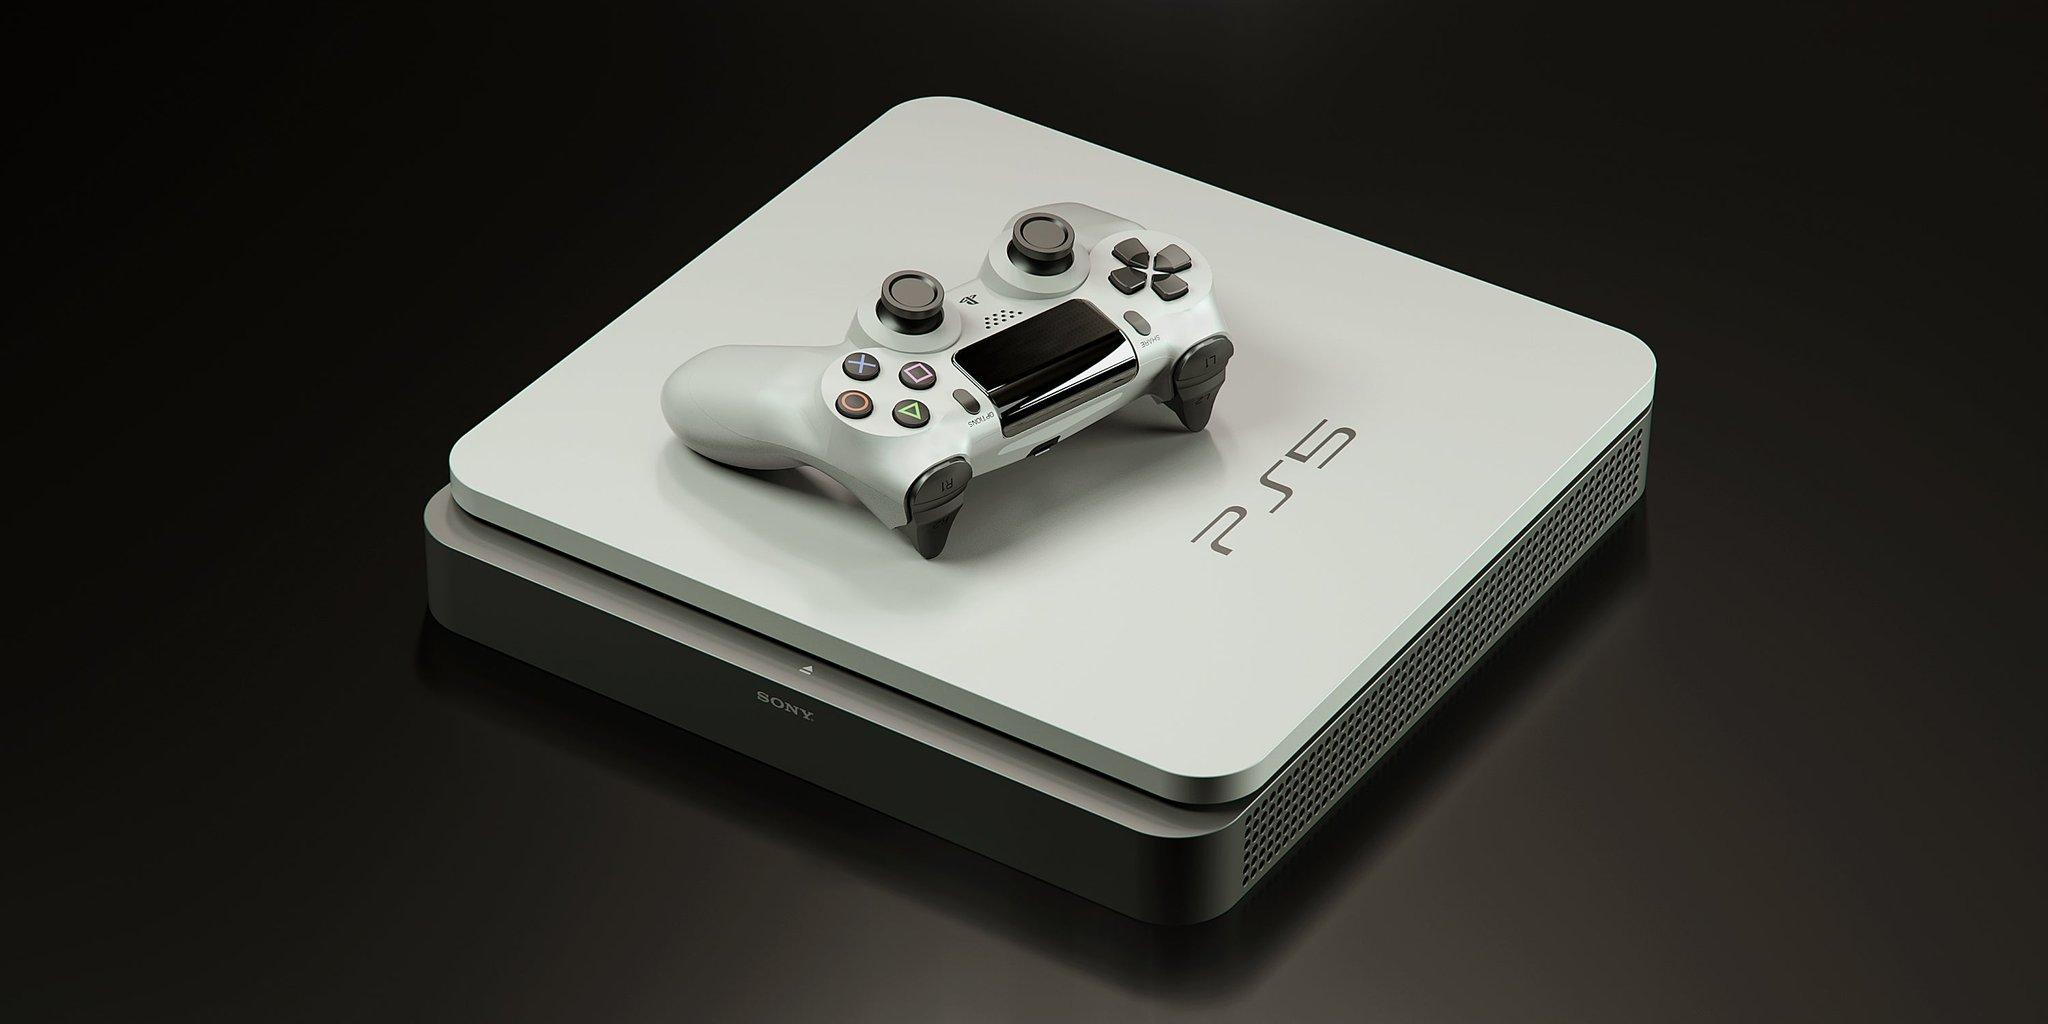 Le coût de fabrication de la PS5 serait de 450$